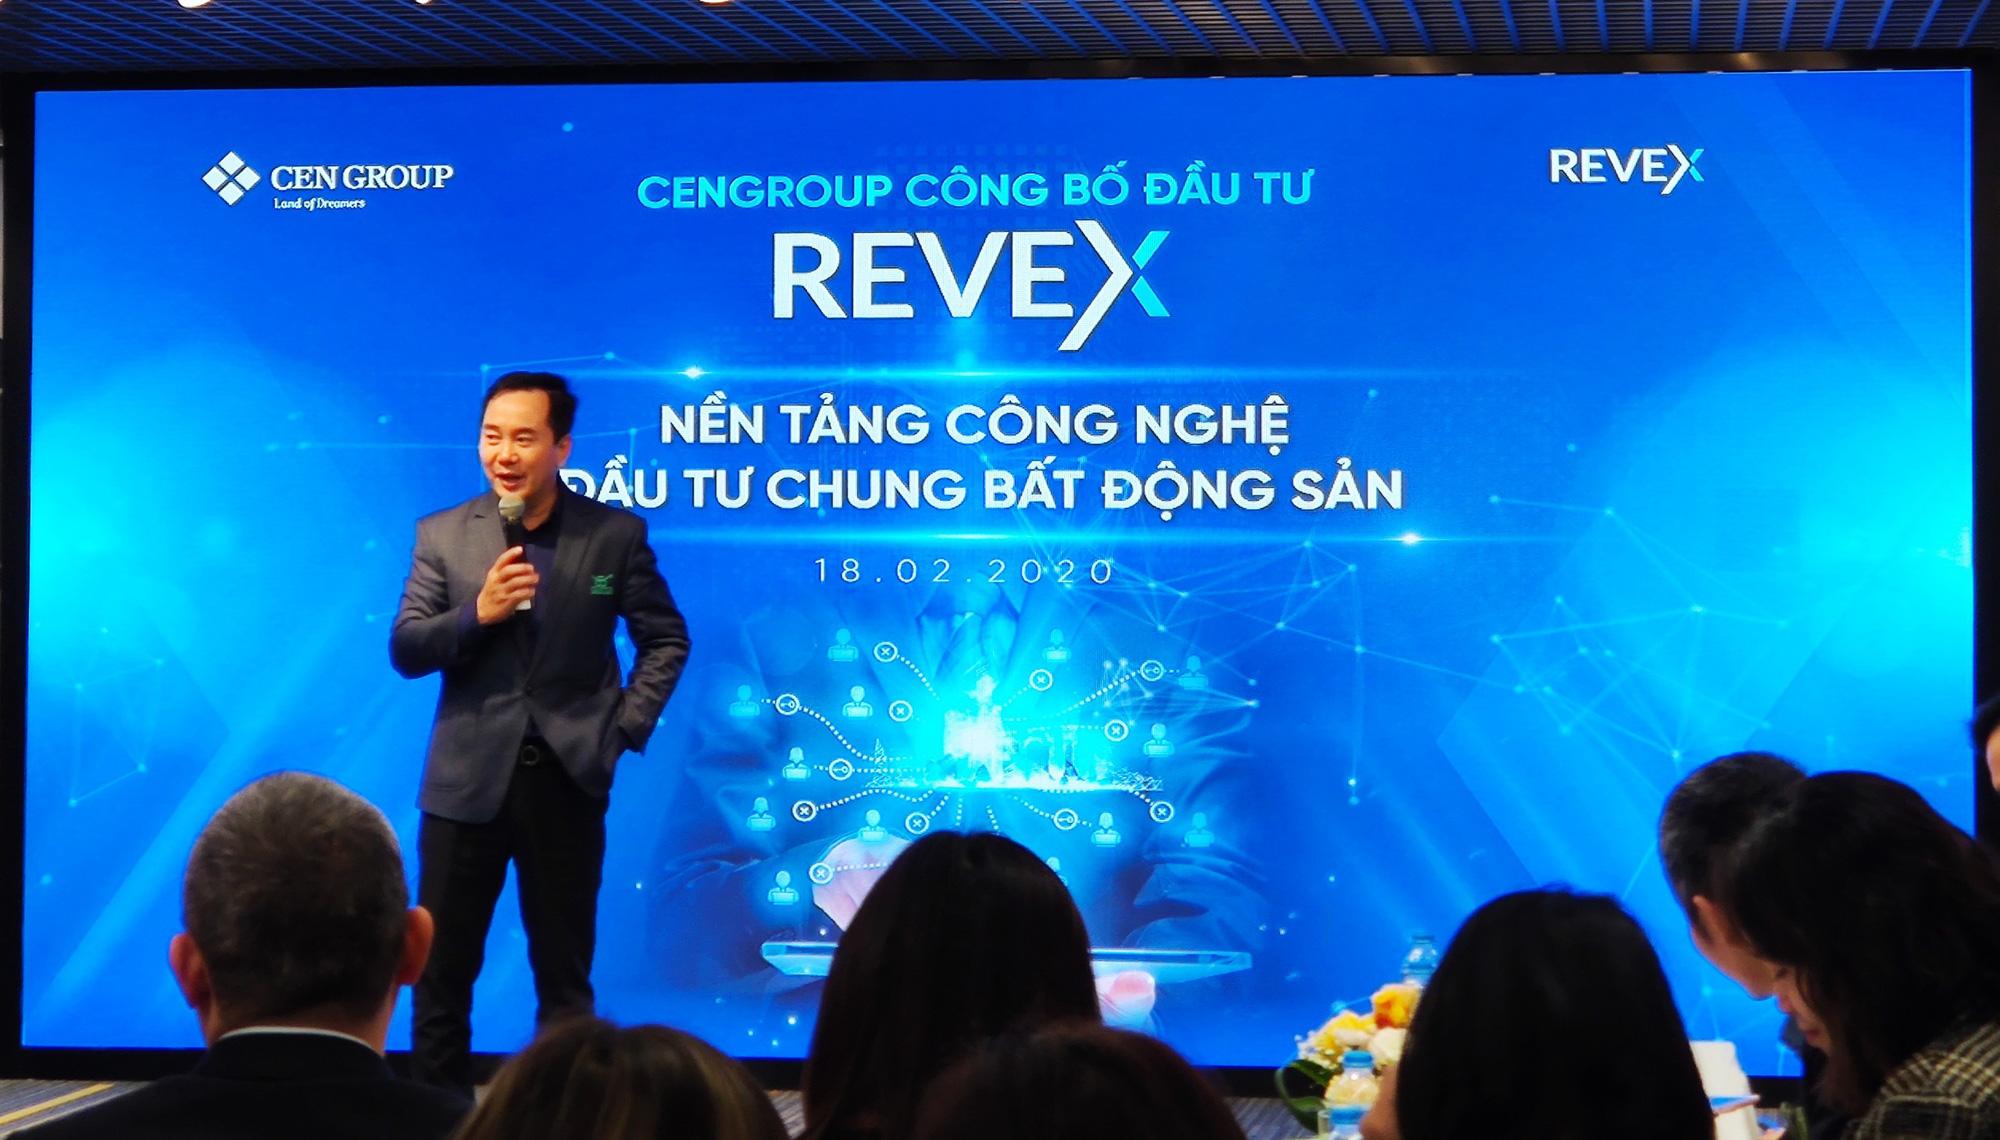 CenGroup rót 1 triệu USD vào nền tảng Revex, tham vọng vượt thị trường chứng khoán trong tương lai - Ảnh 4.